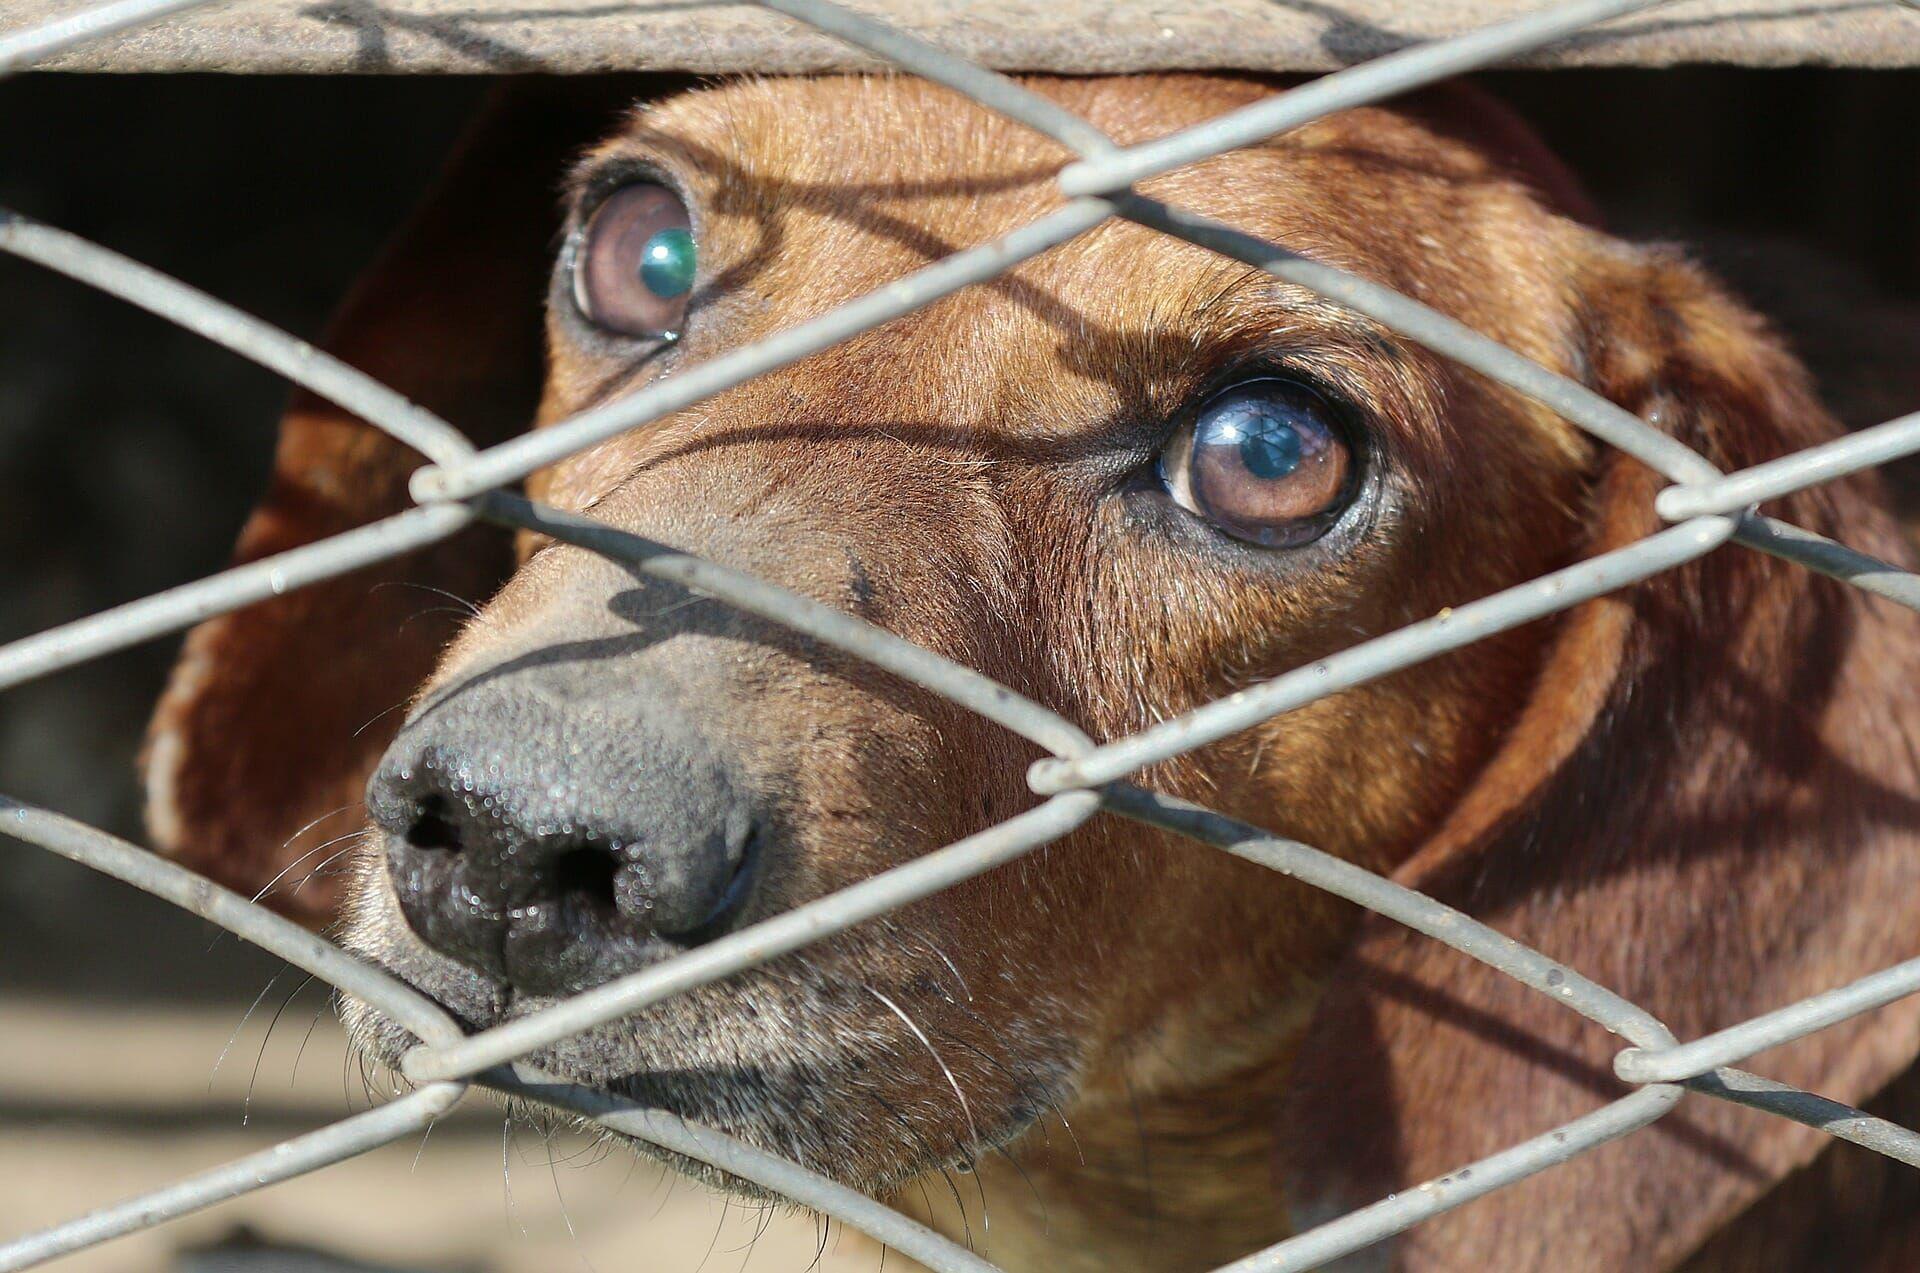 Caged dog.